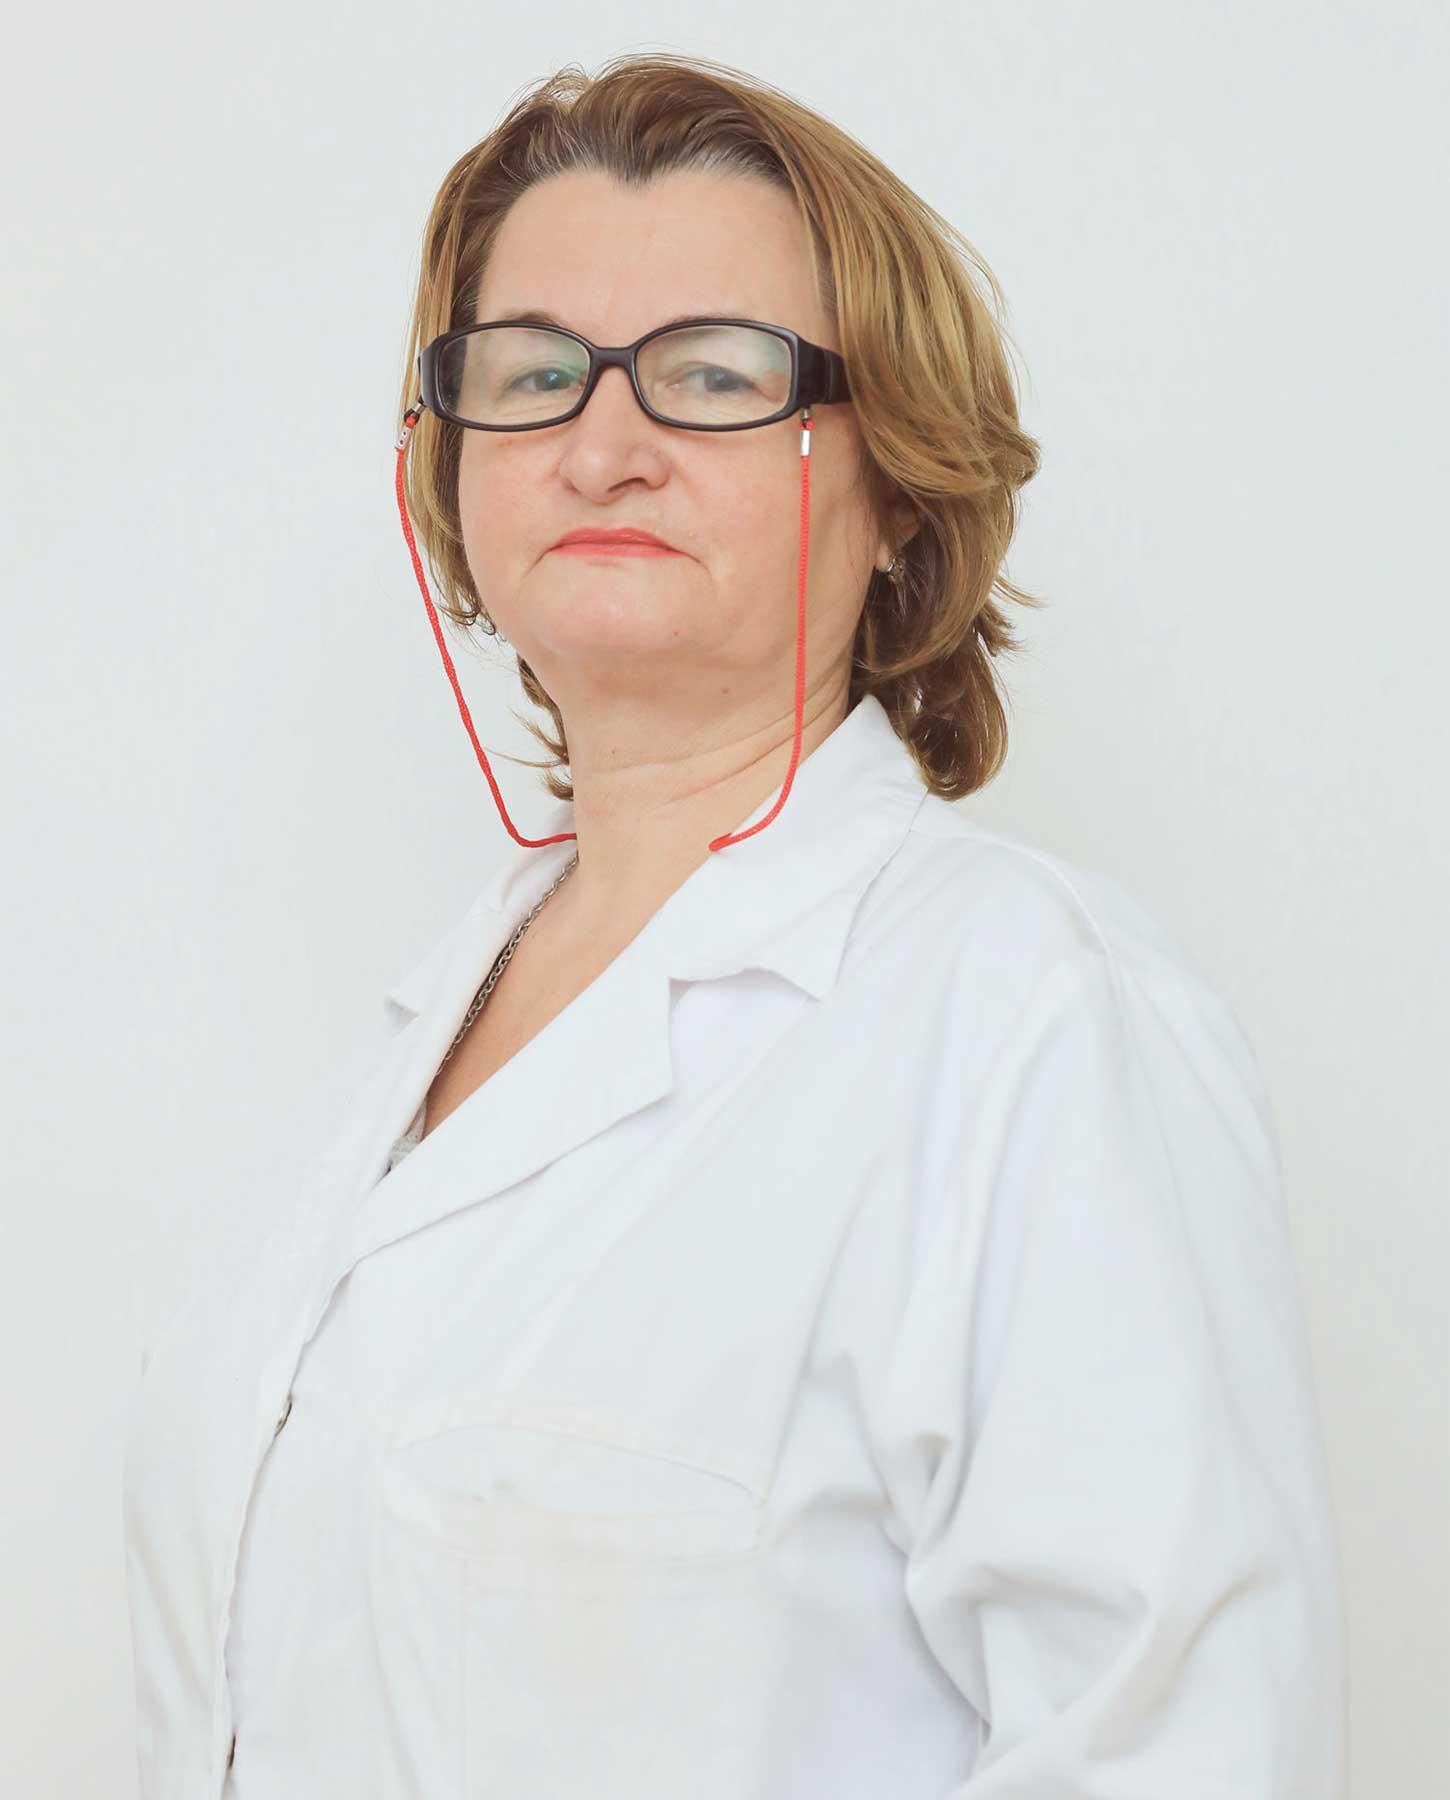 Maricica Cramaroc